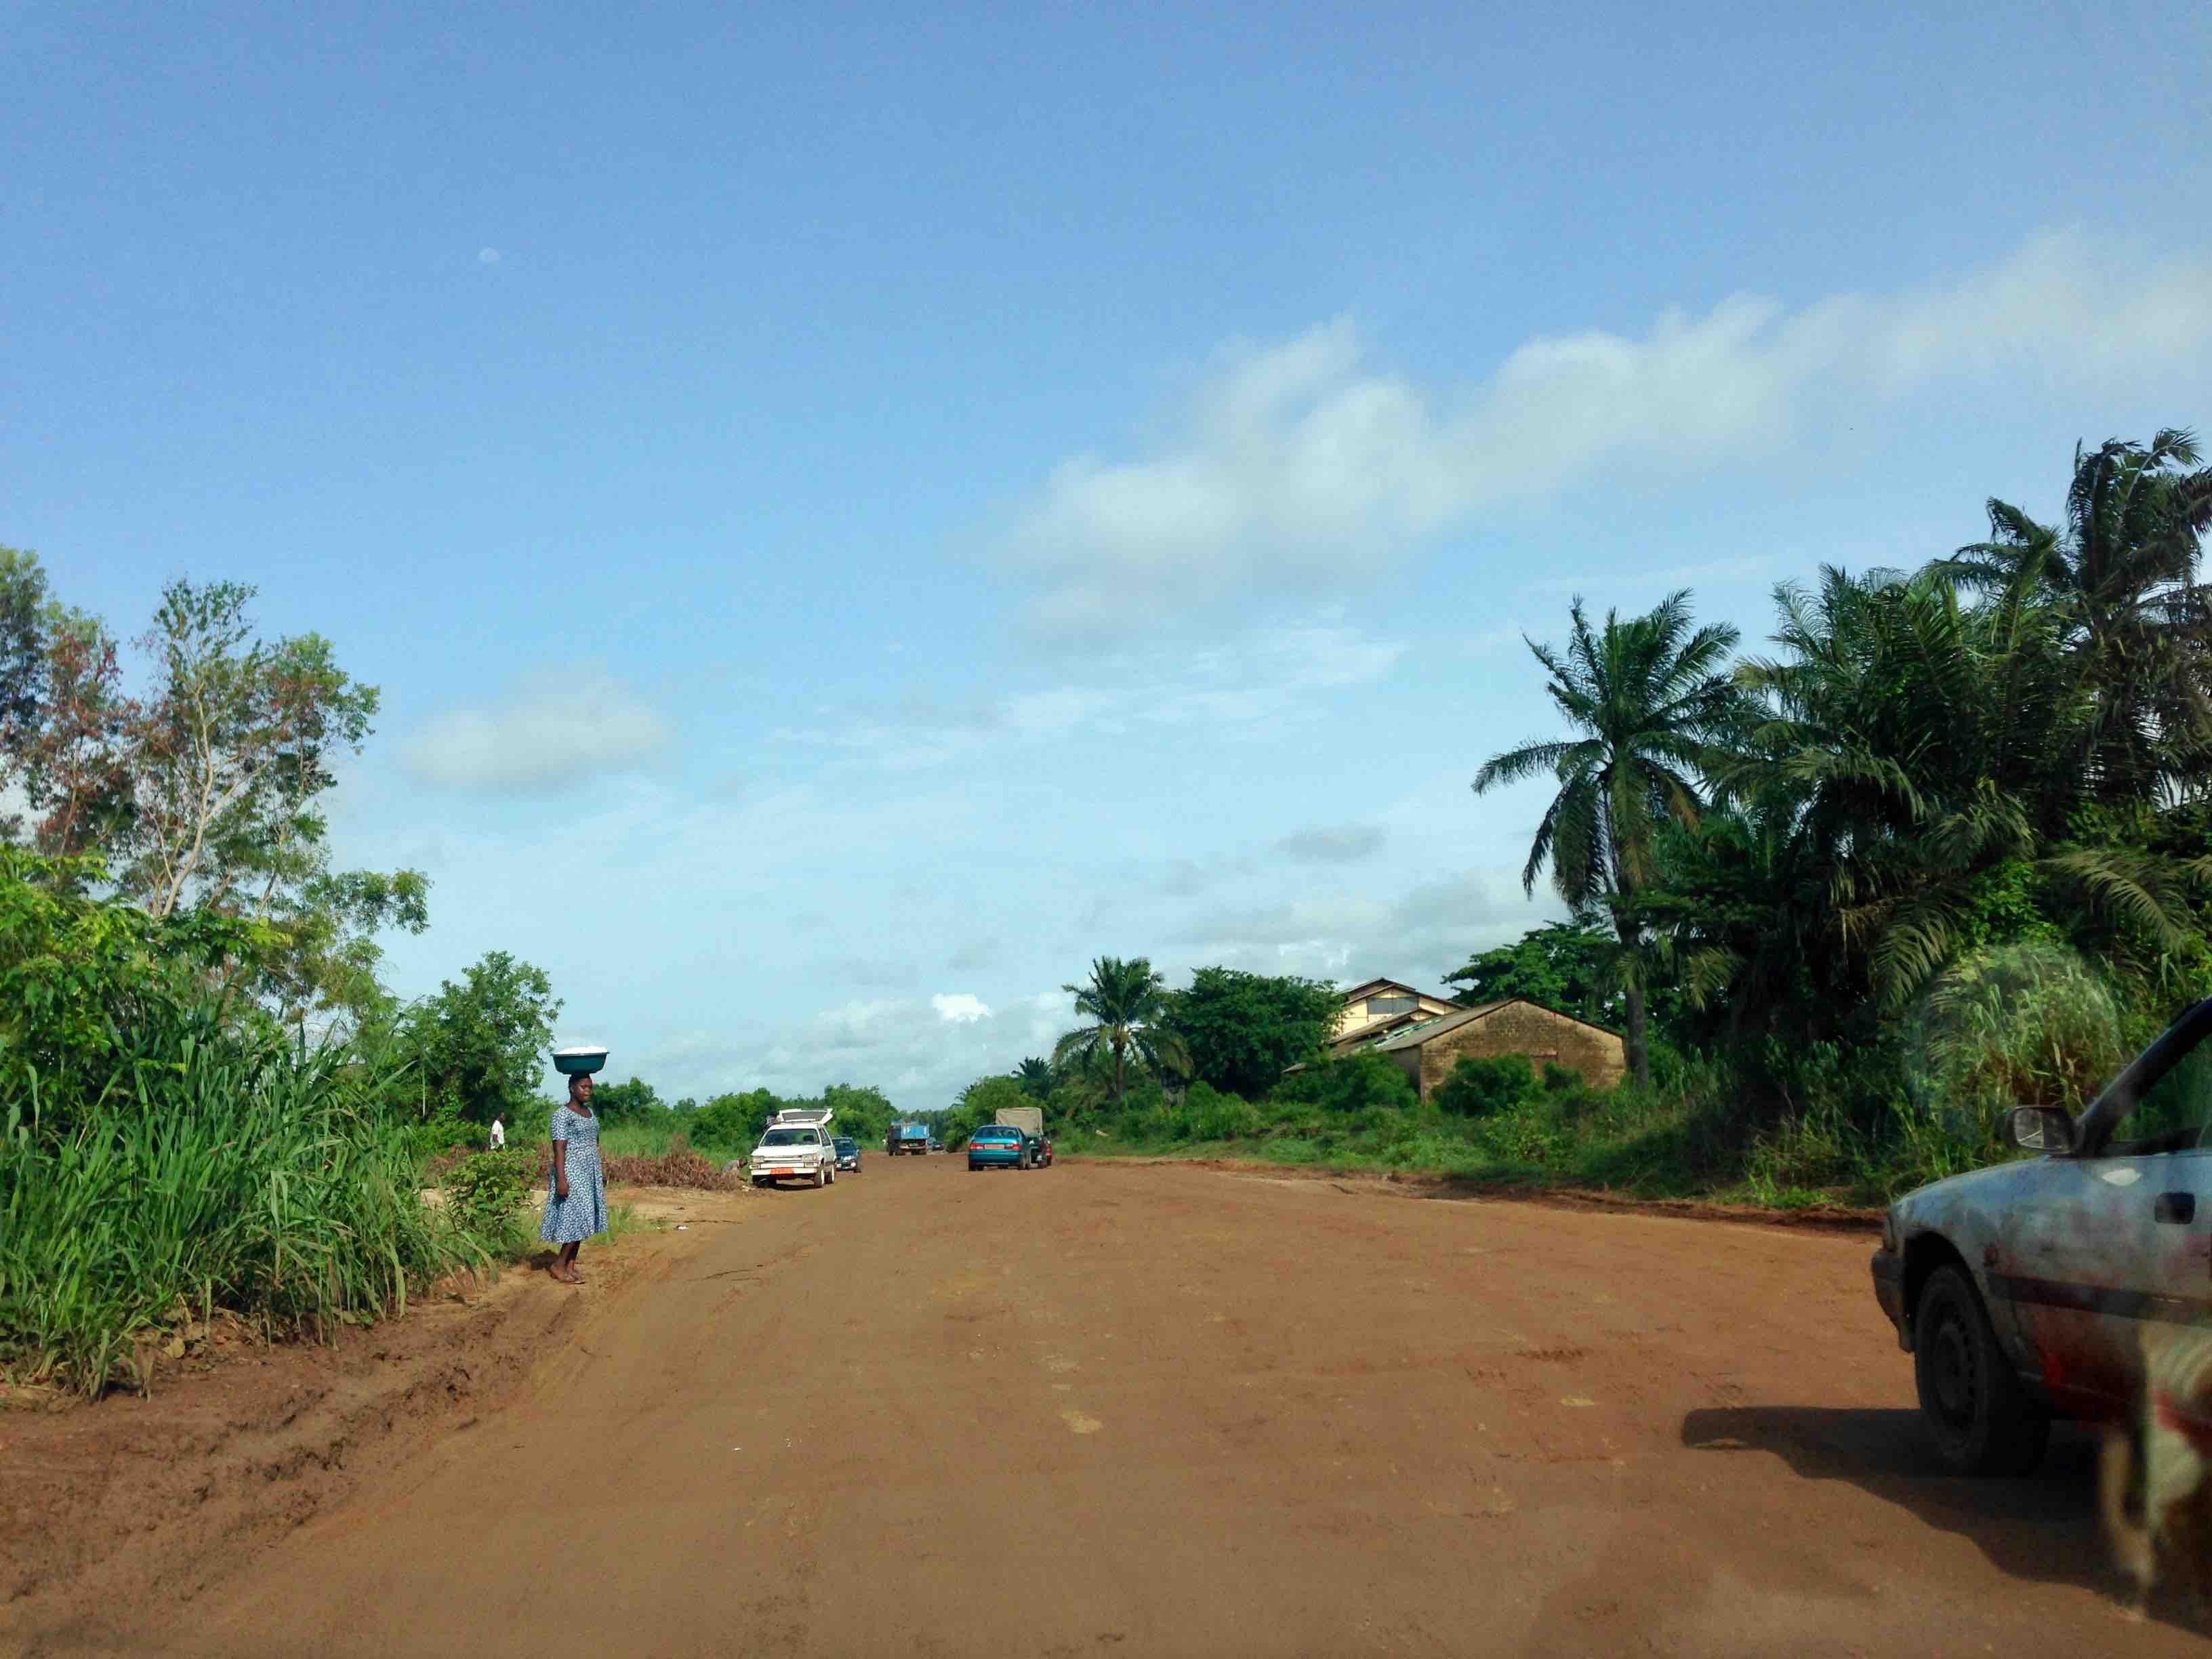 Pahu, Atlantique, Benin. #JujuFilms